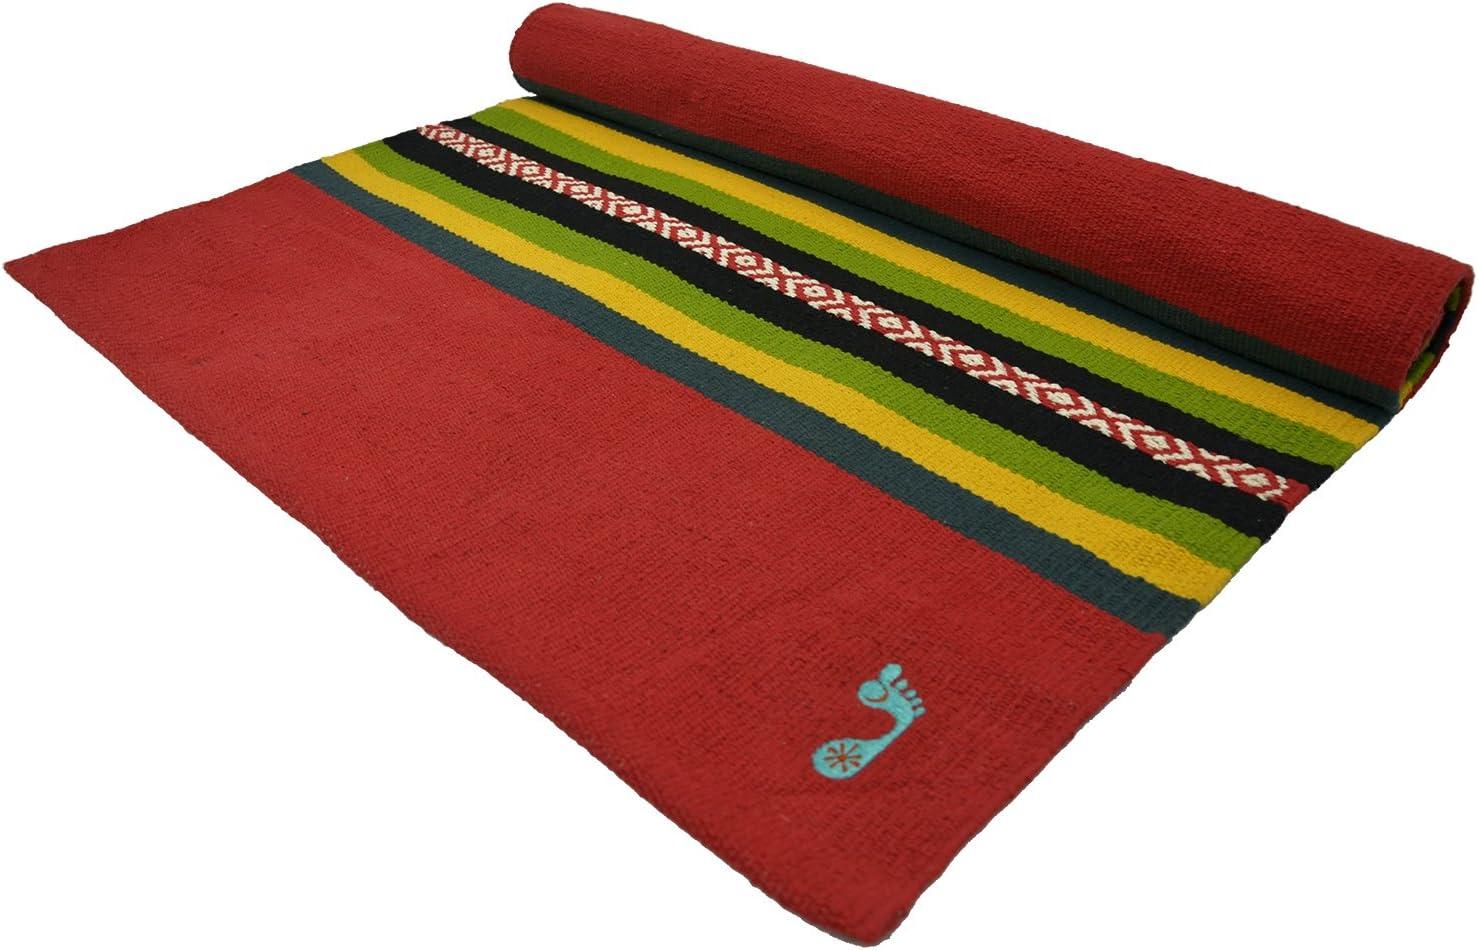 Amazon.com : BAREFOOT YOGA CO. Barefoot Yoga Mysore Practice ...